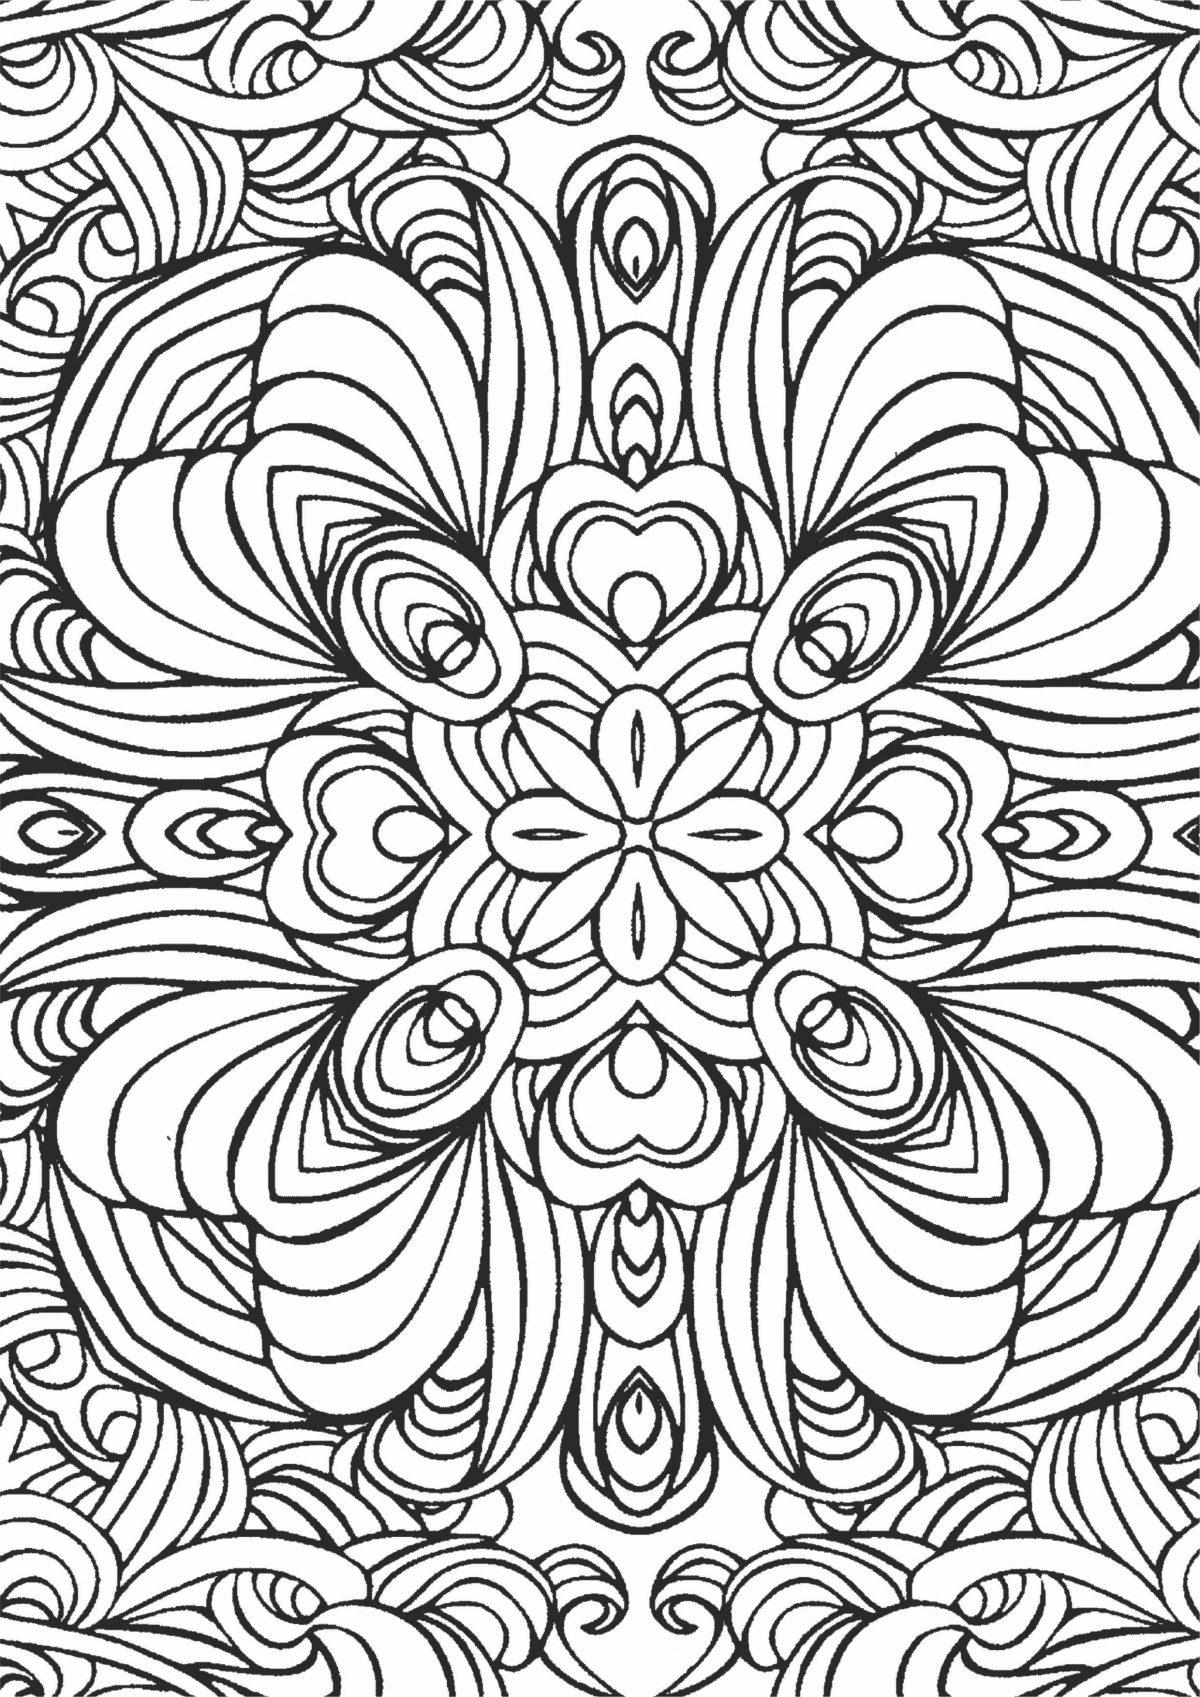 Раскраска гипноцветы